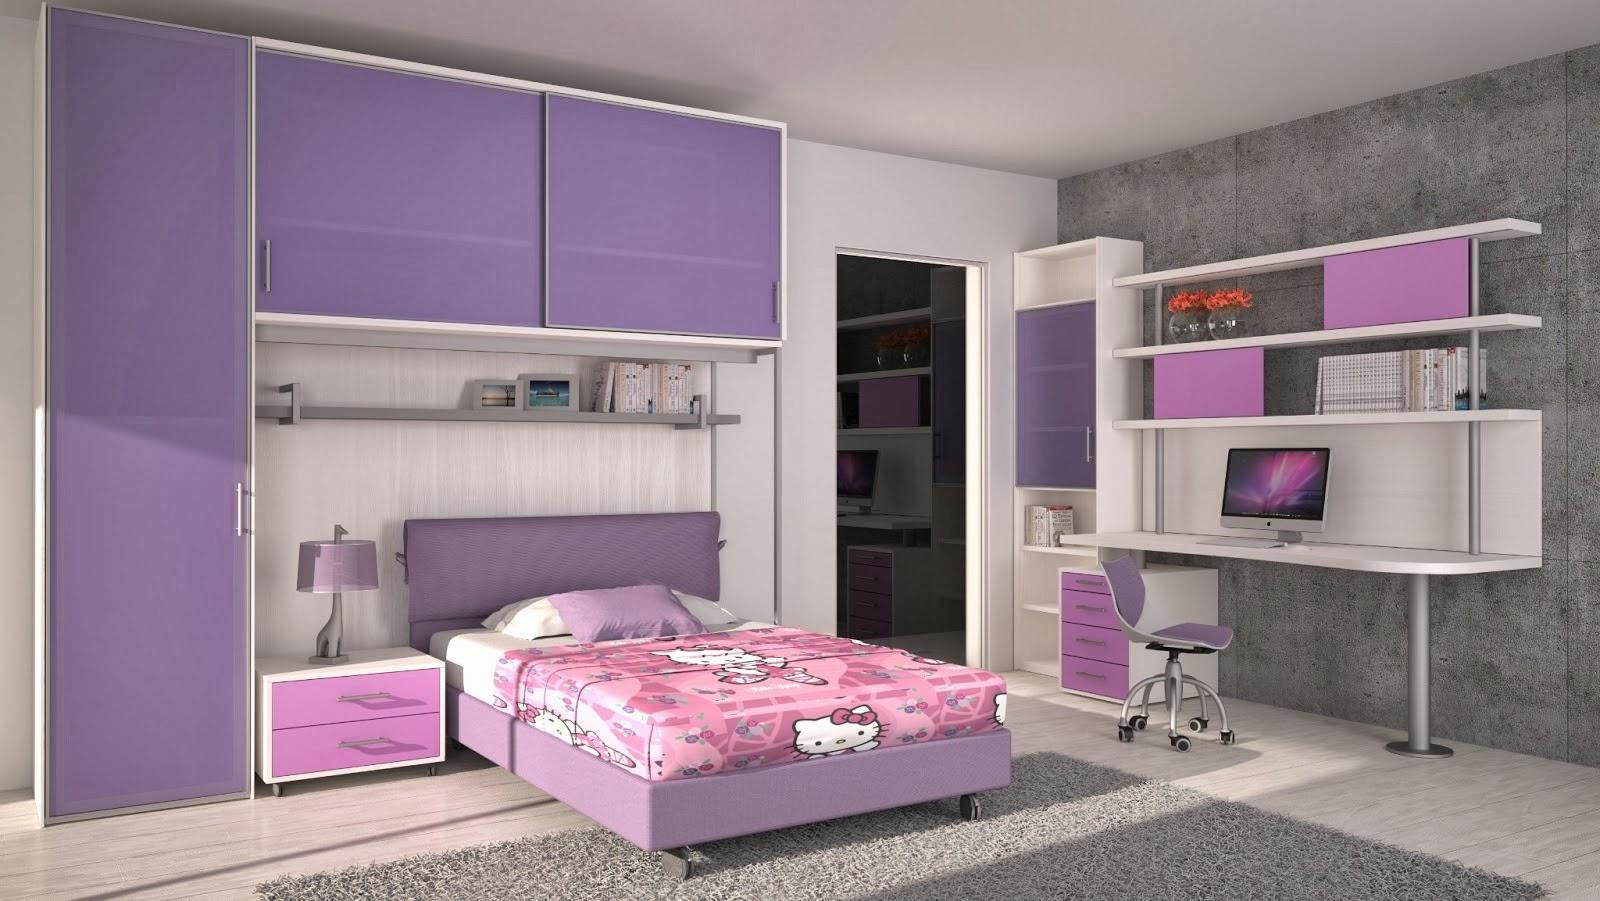 Cuarto de ni a en rosa y lila dormitorios colores y estilos - Dormitorio de nina ...